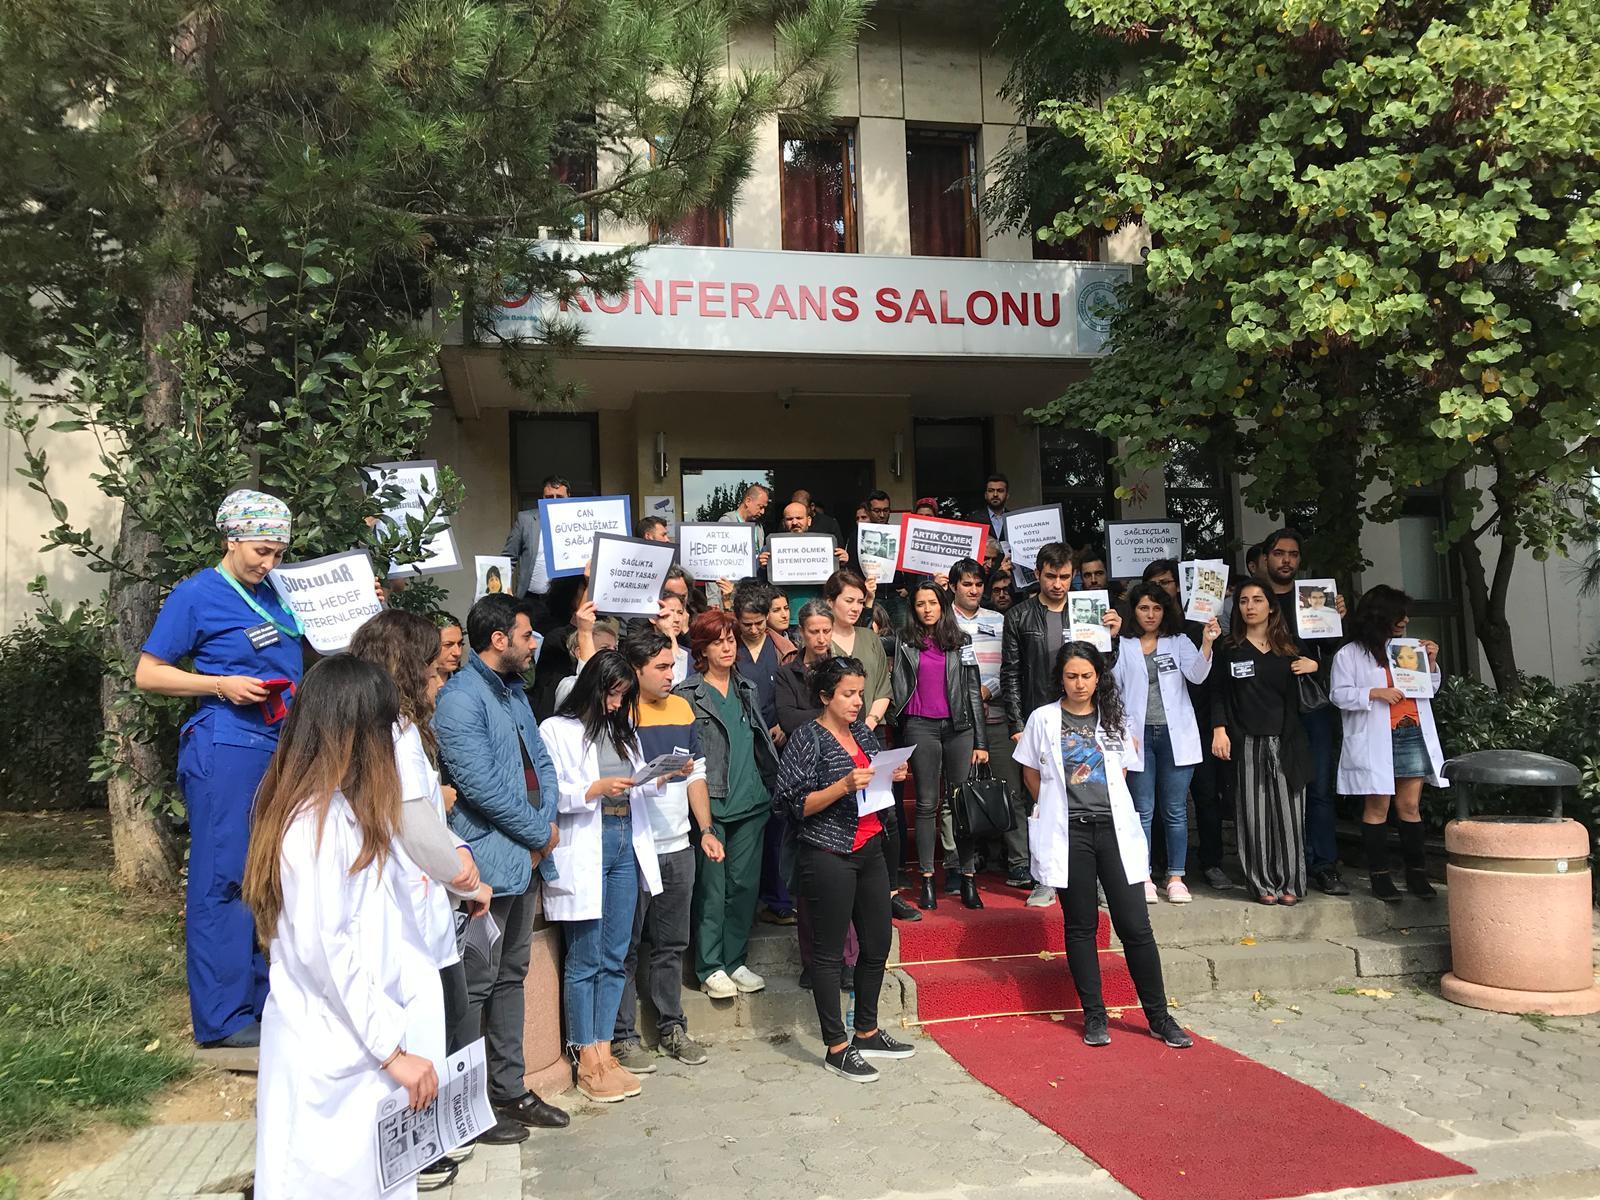 Dr. Fikret Hacıosman İçin İstanbul'da Hastane Önlerinde Anma Yapıldı